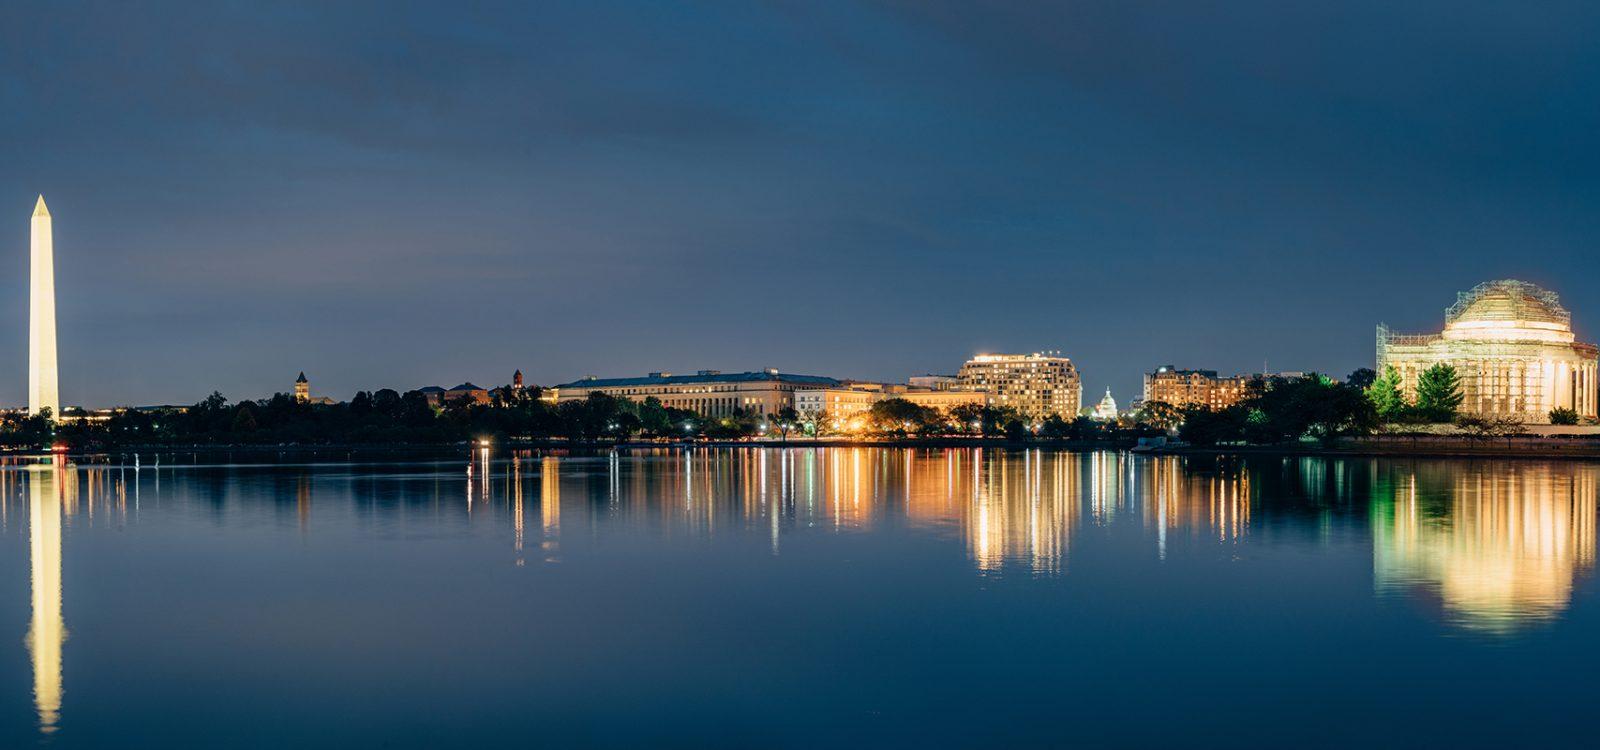 Washington DC Cityscapes Thomas Jefferson Memorial